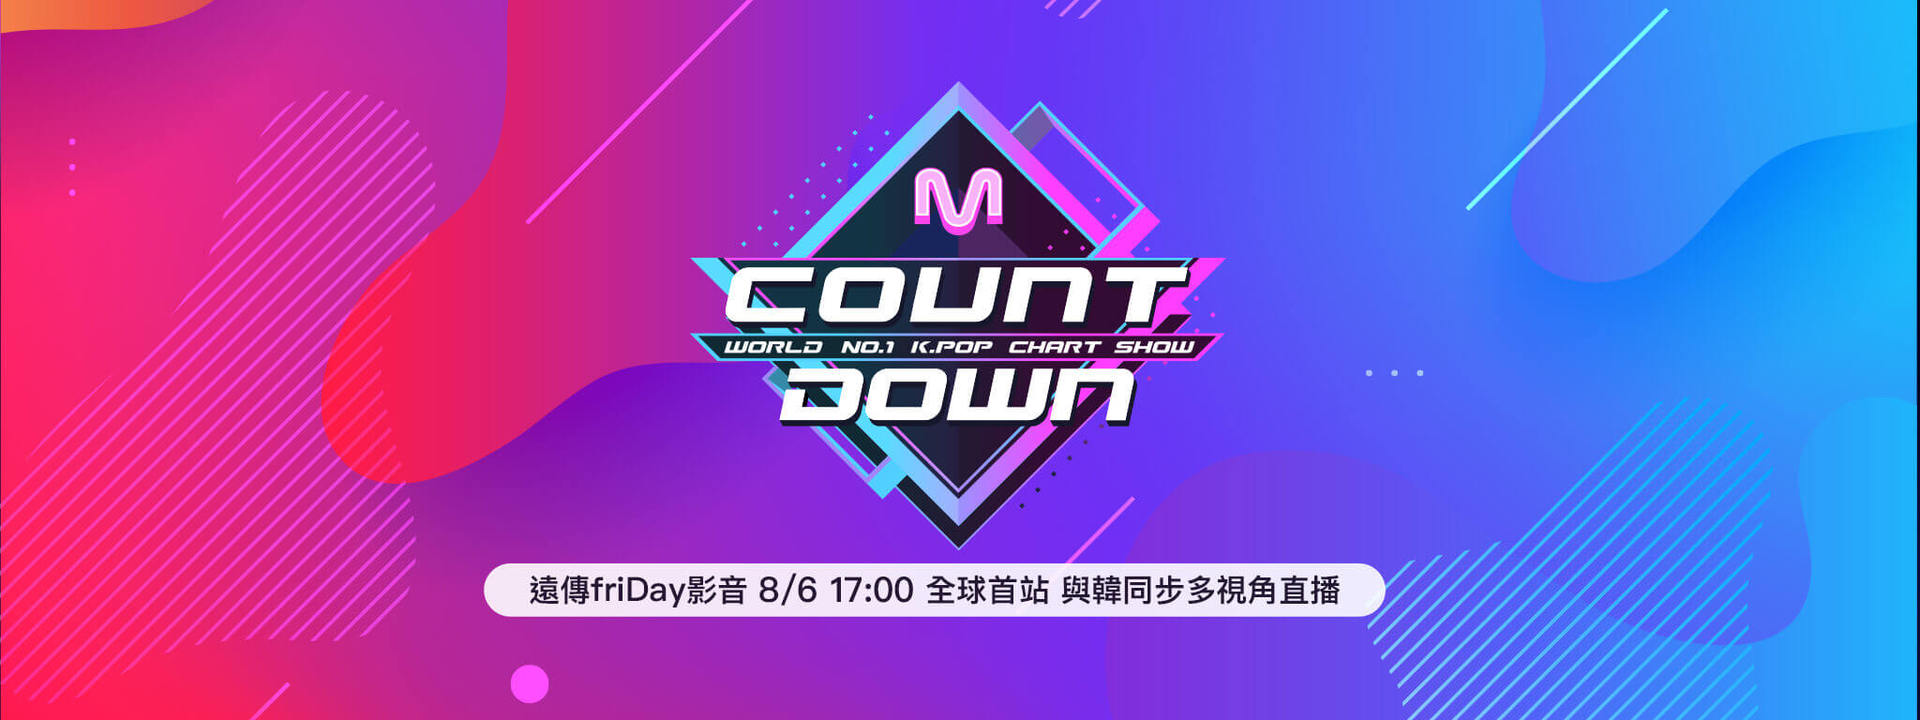 M COUNTDOWN全球首站多視角直播